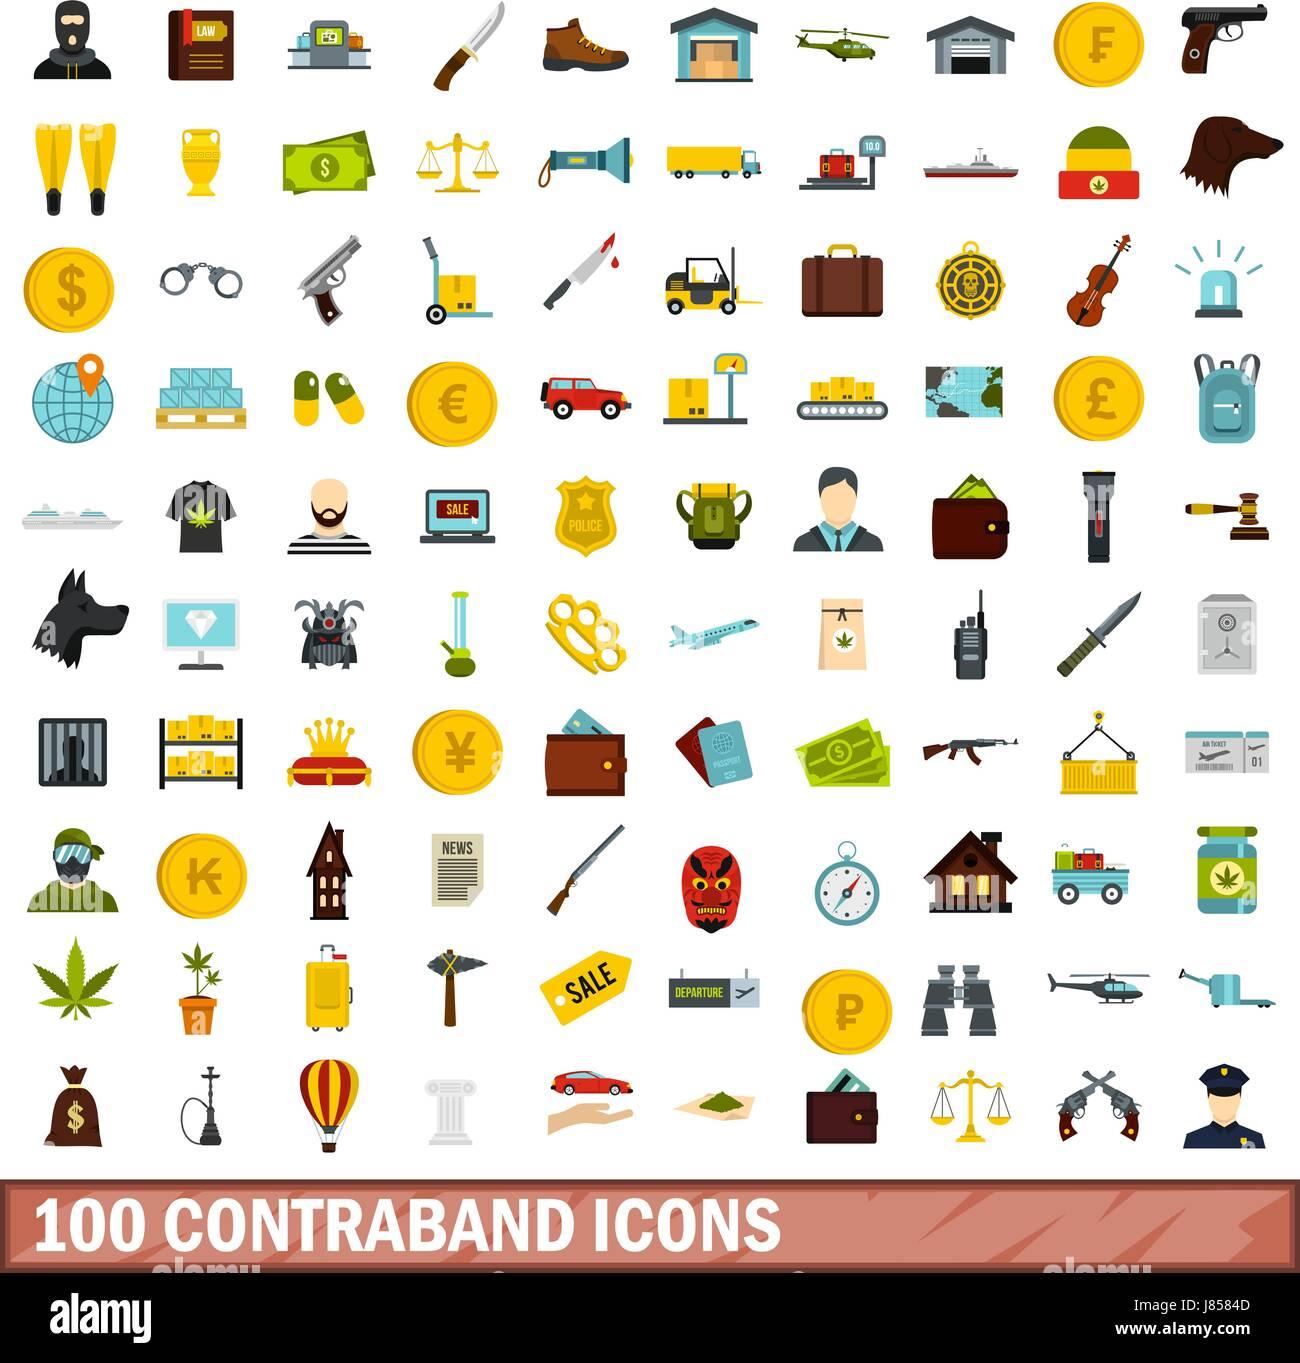 100 contraband icons set, flat style - Stock Image